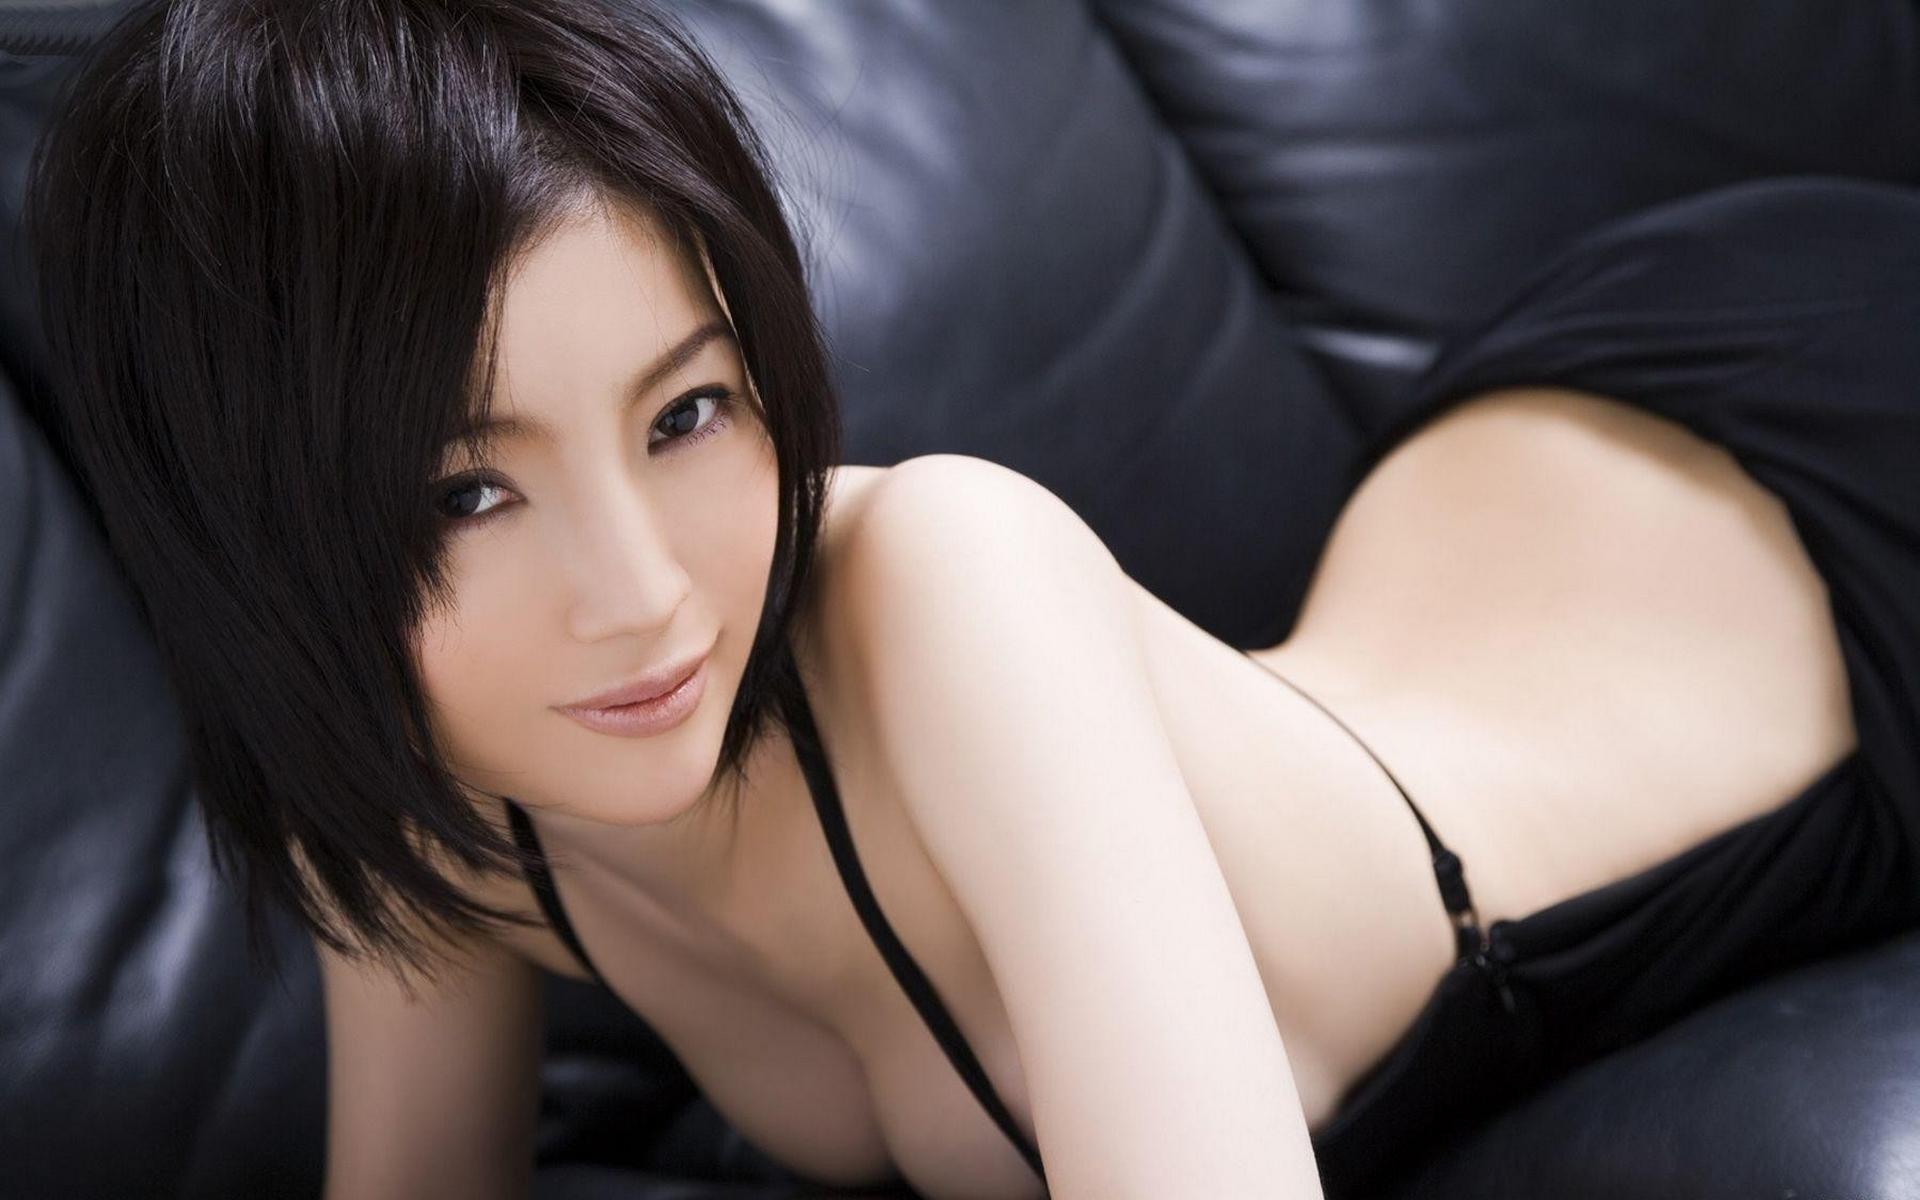 Фото ню японских девушек 8 фотография